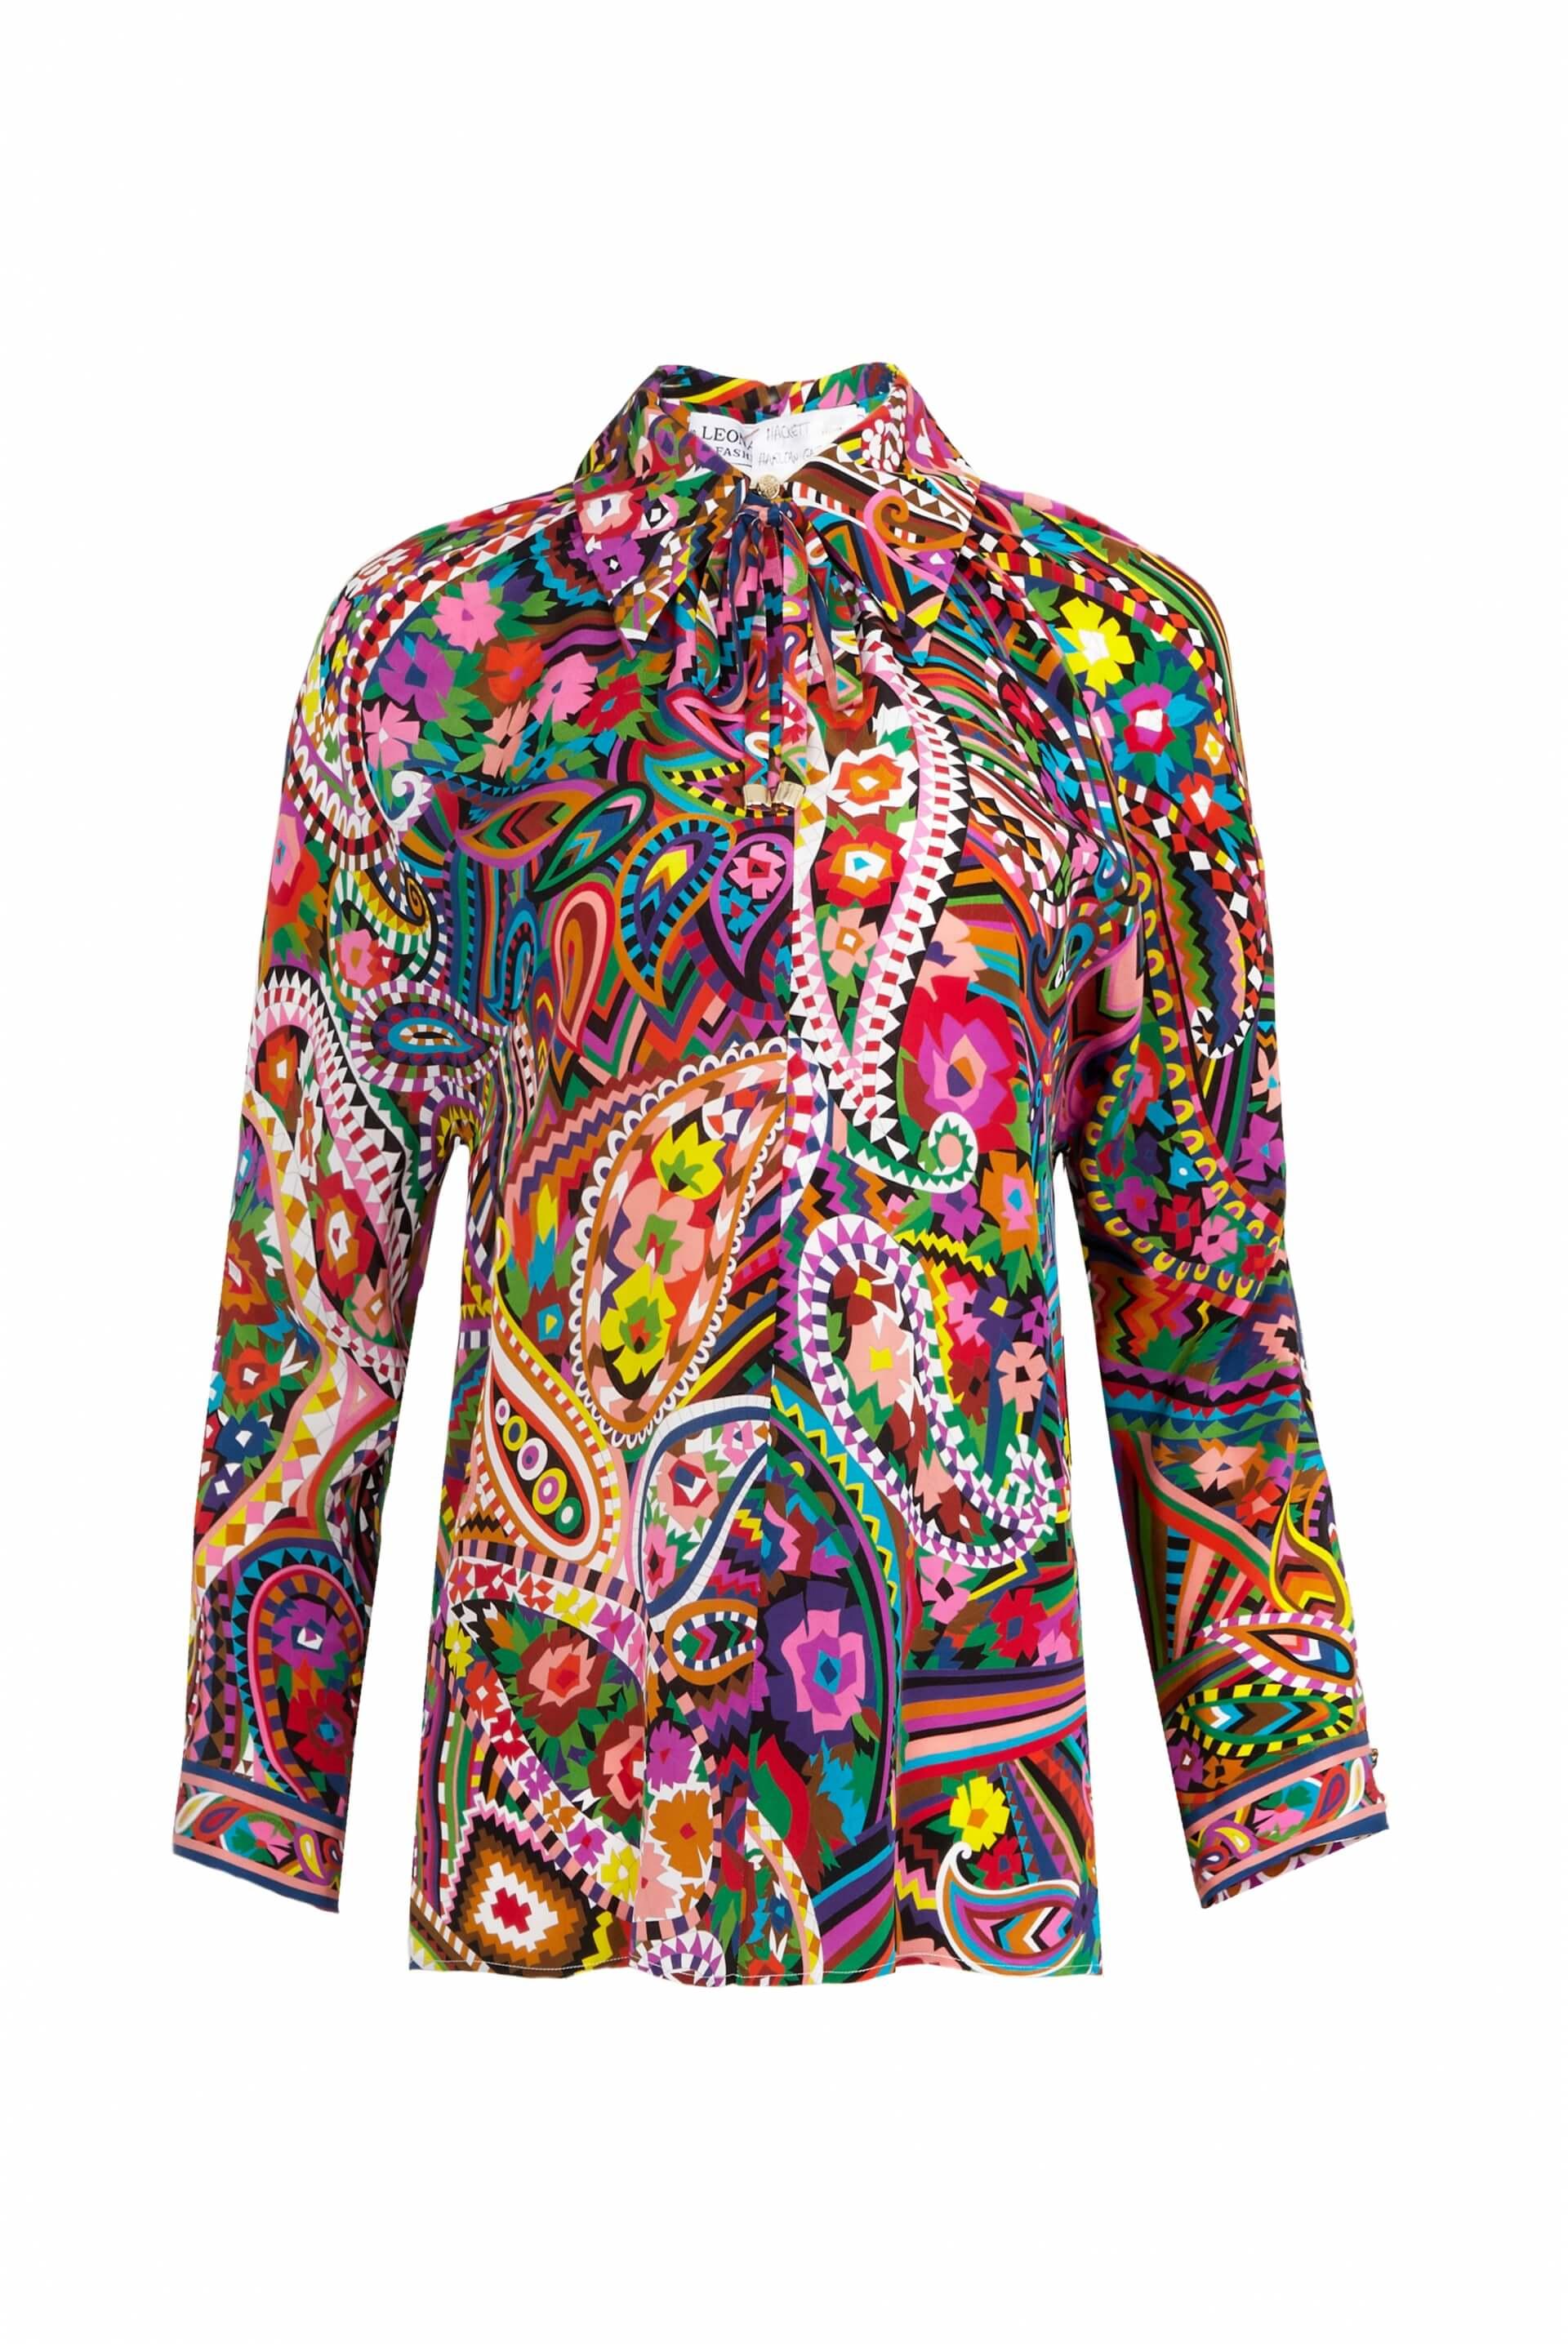 芸能人がシューイチで着用した衣装シャツ、スカート、ジュエリー